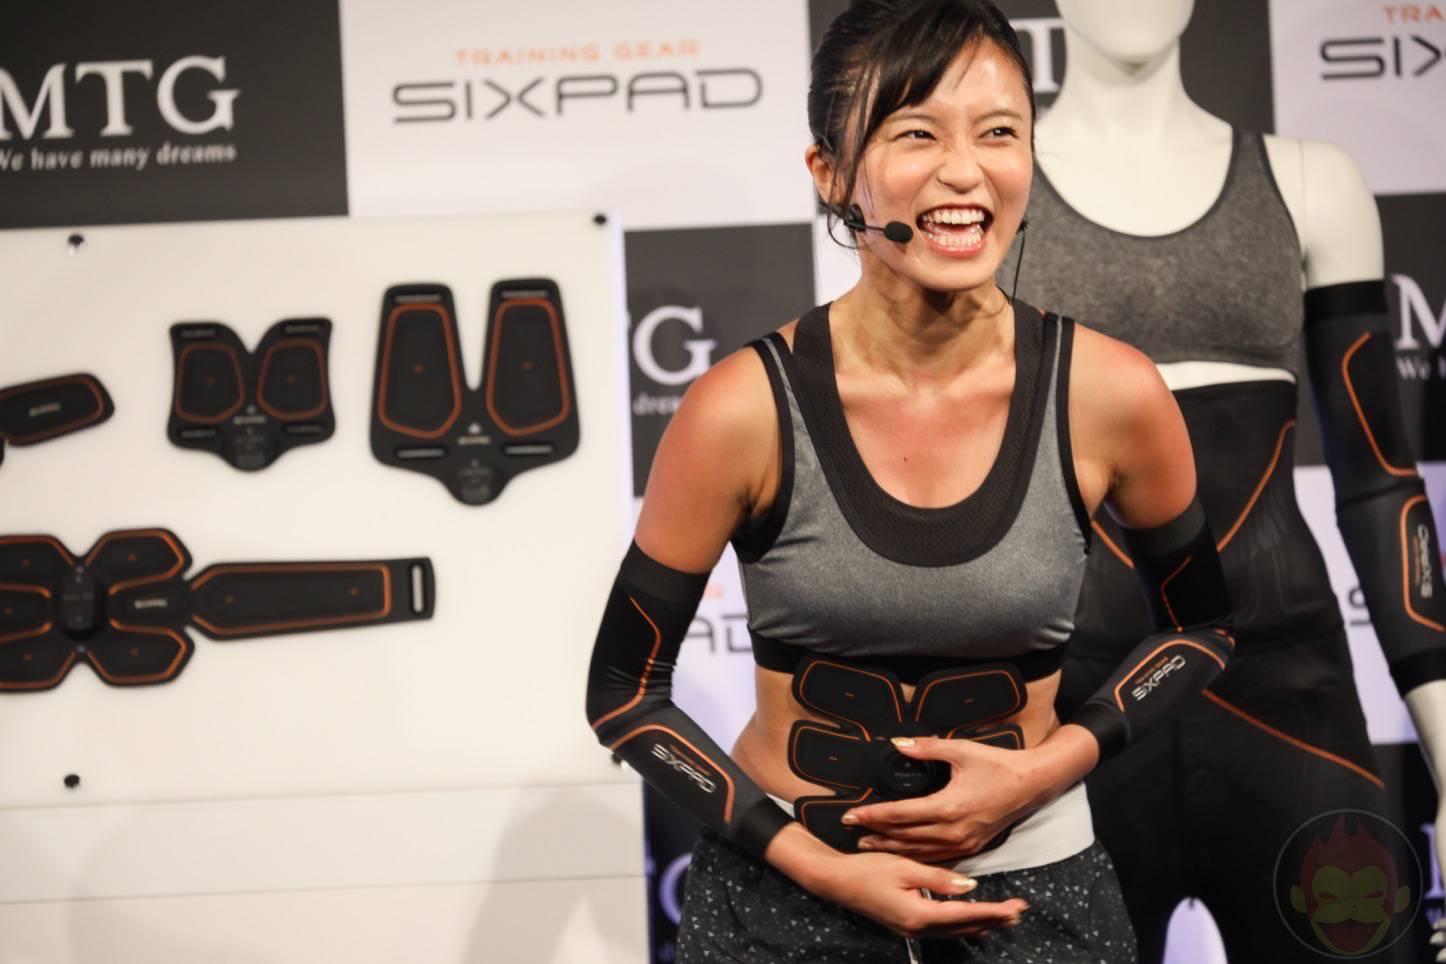 MTG-SIXPAD-New-Products-KojiRuri-Ishikawa-91.jpg